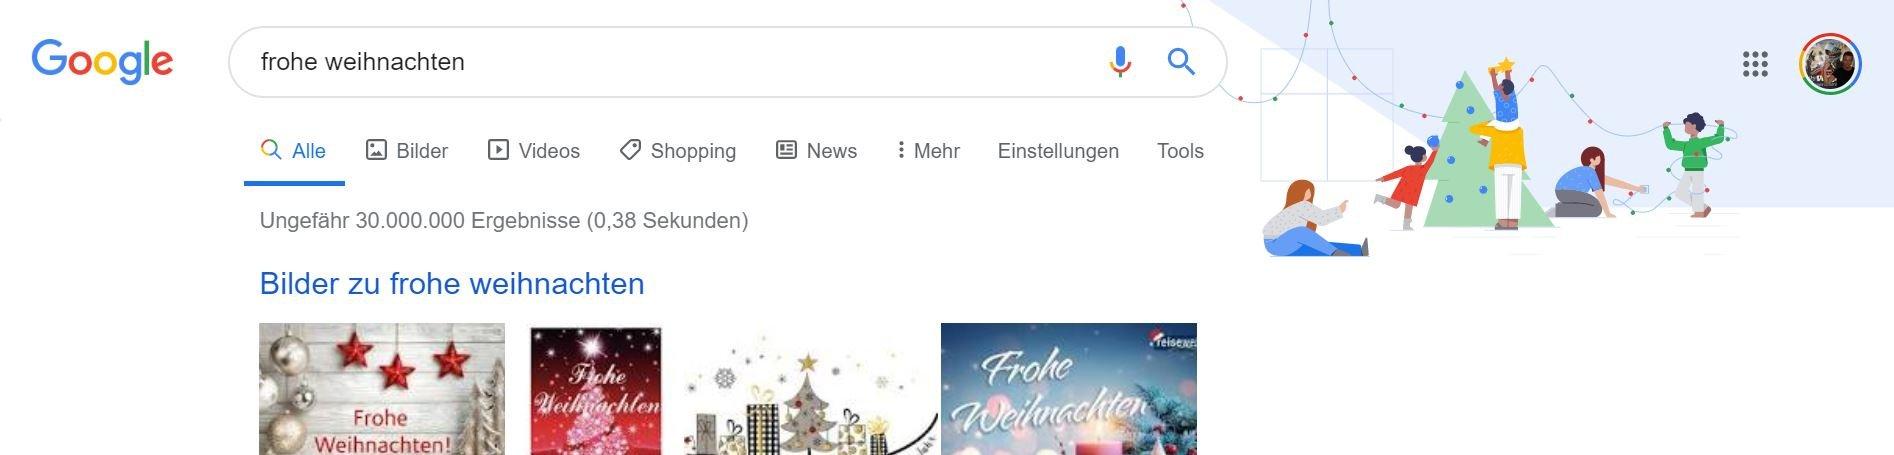 google frohe weihnachten